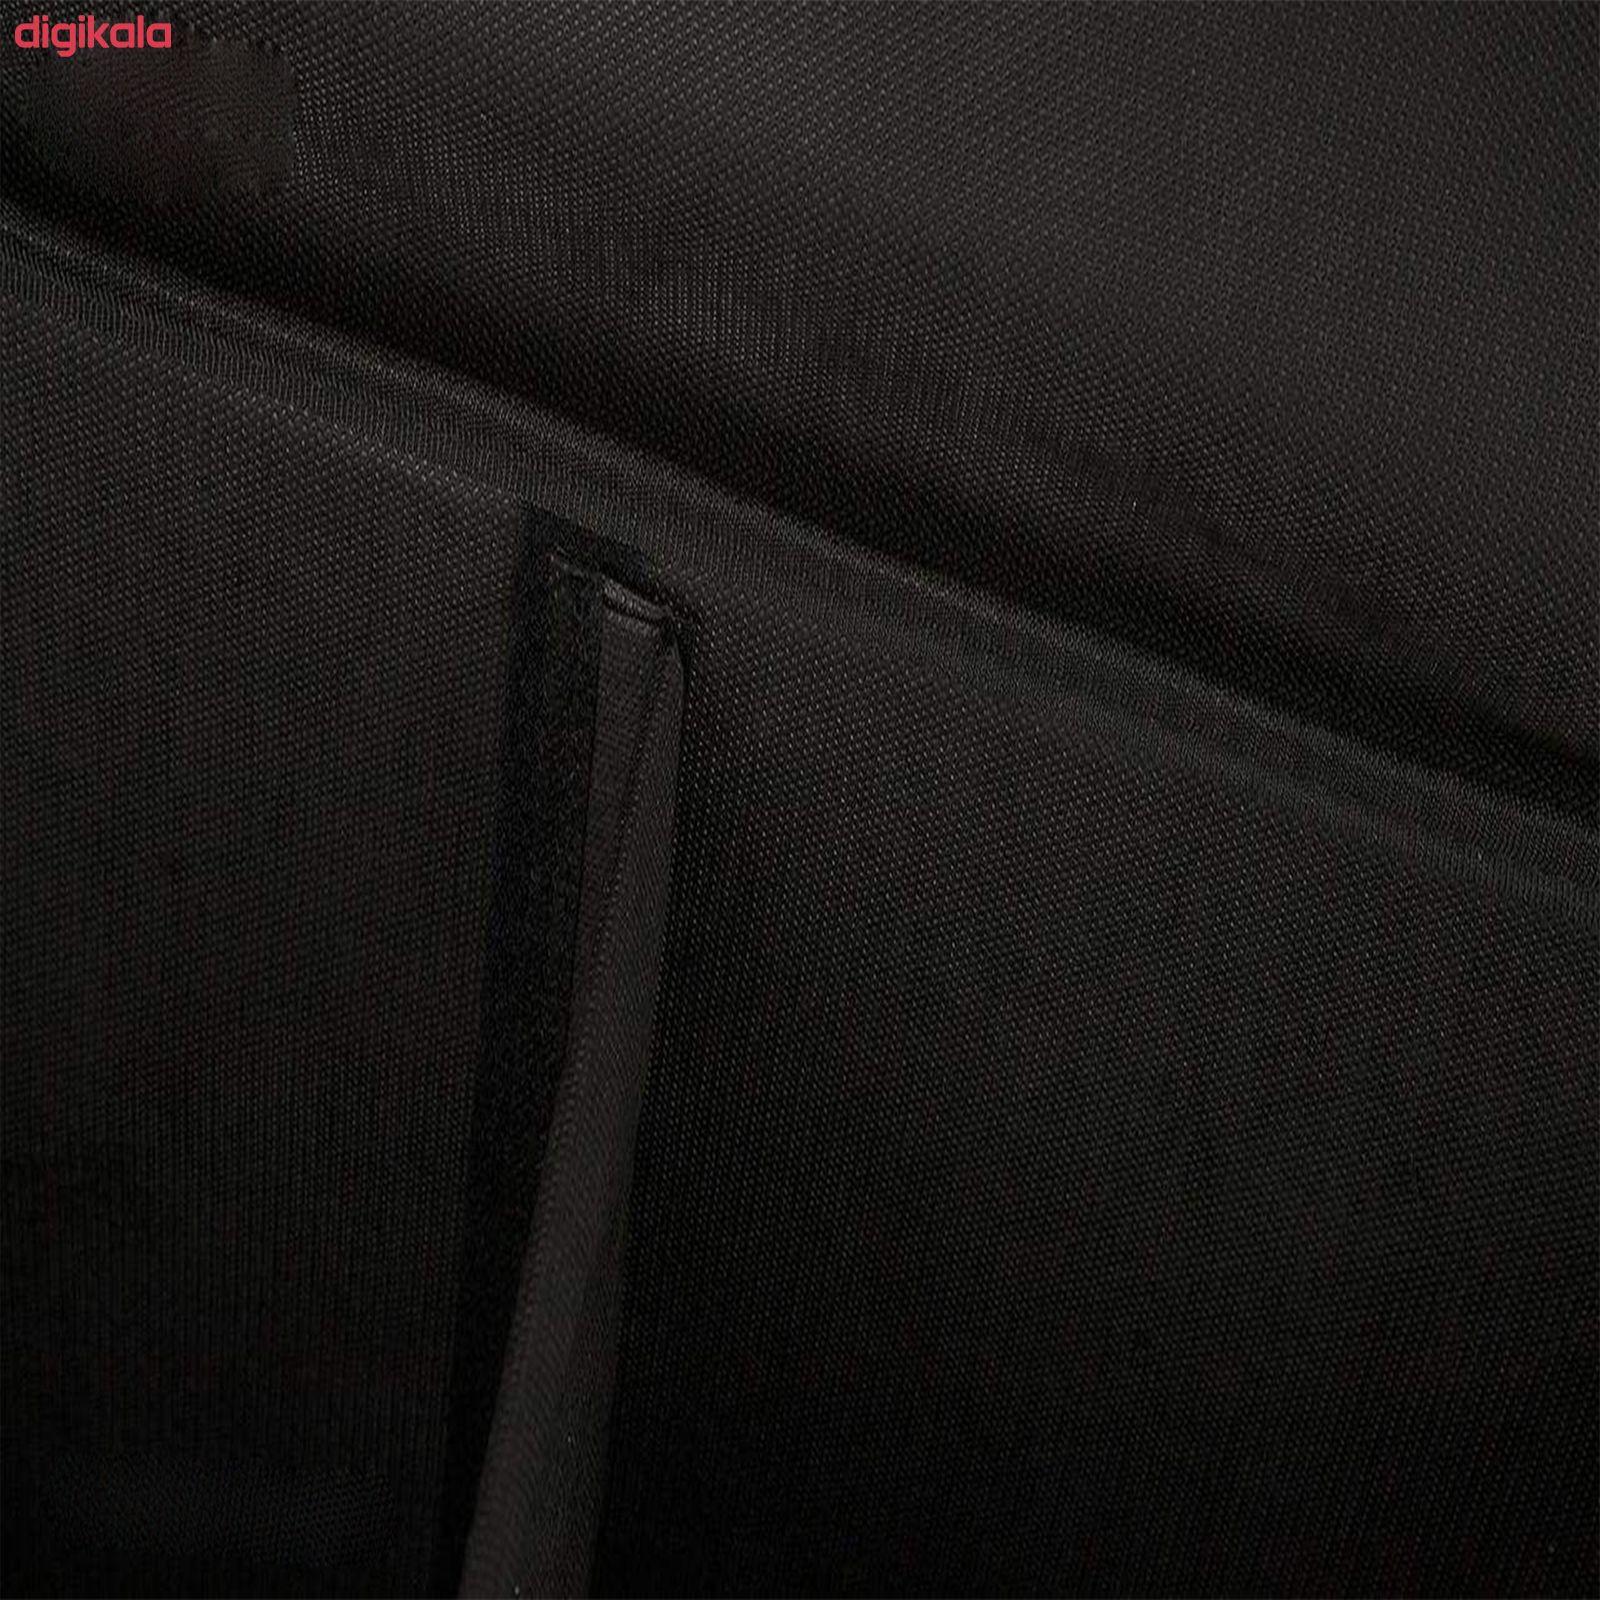 ساک نظم دهنده صندوق عقب خودرو کد S2112 main 1 5